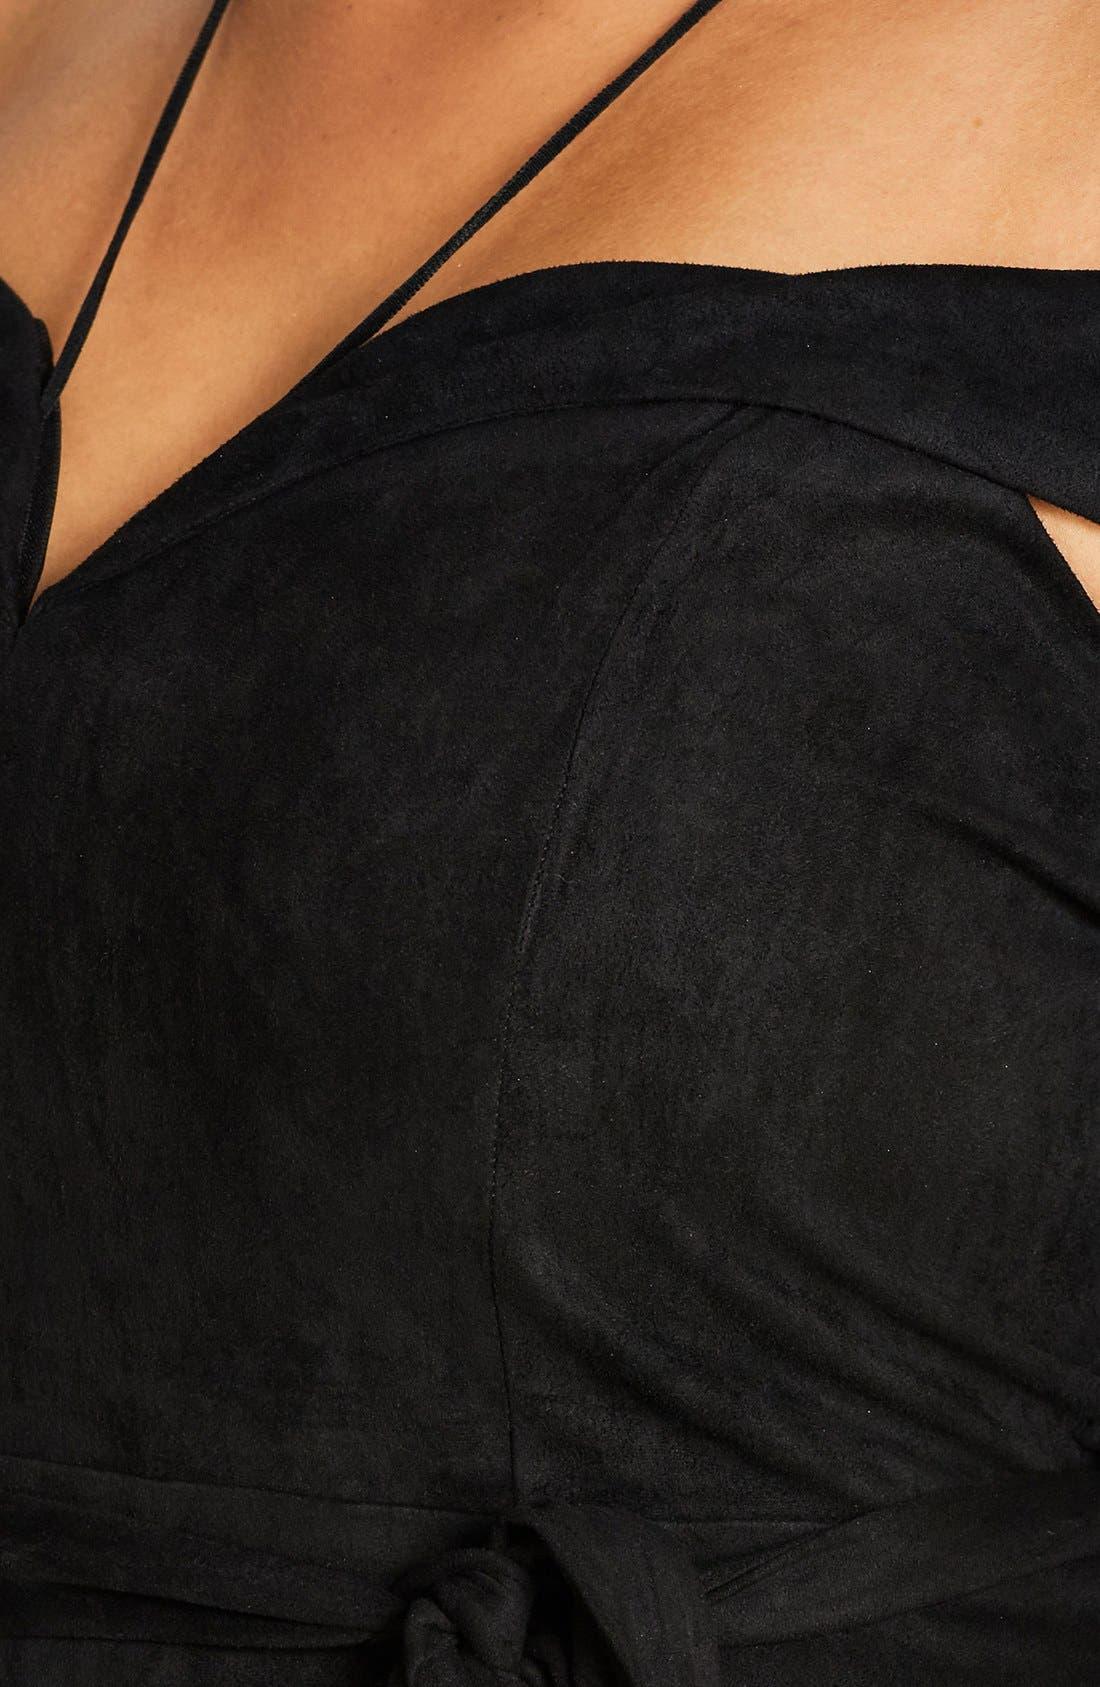 Ooh La La Faux Suede Dress,                             Alternate thumbnail 15, color,